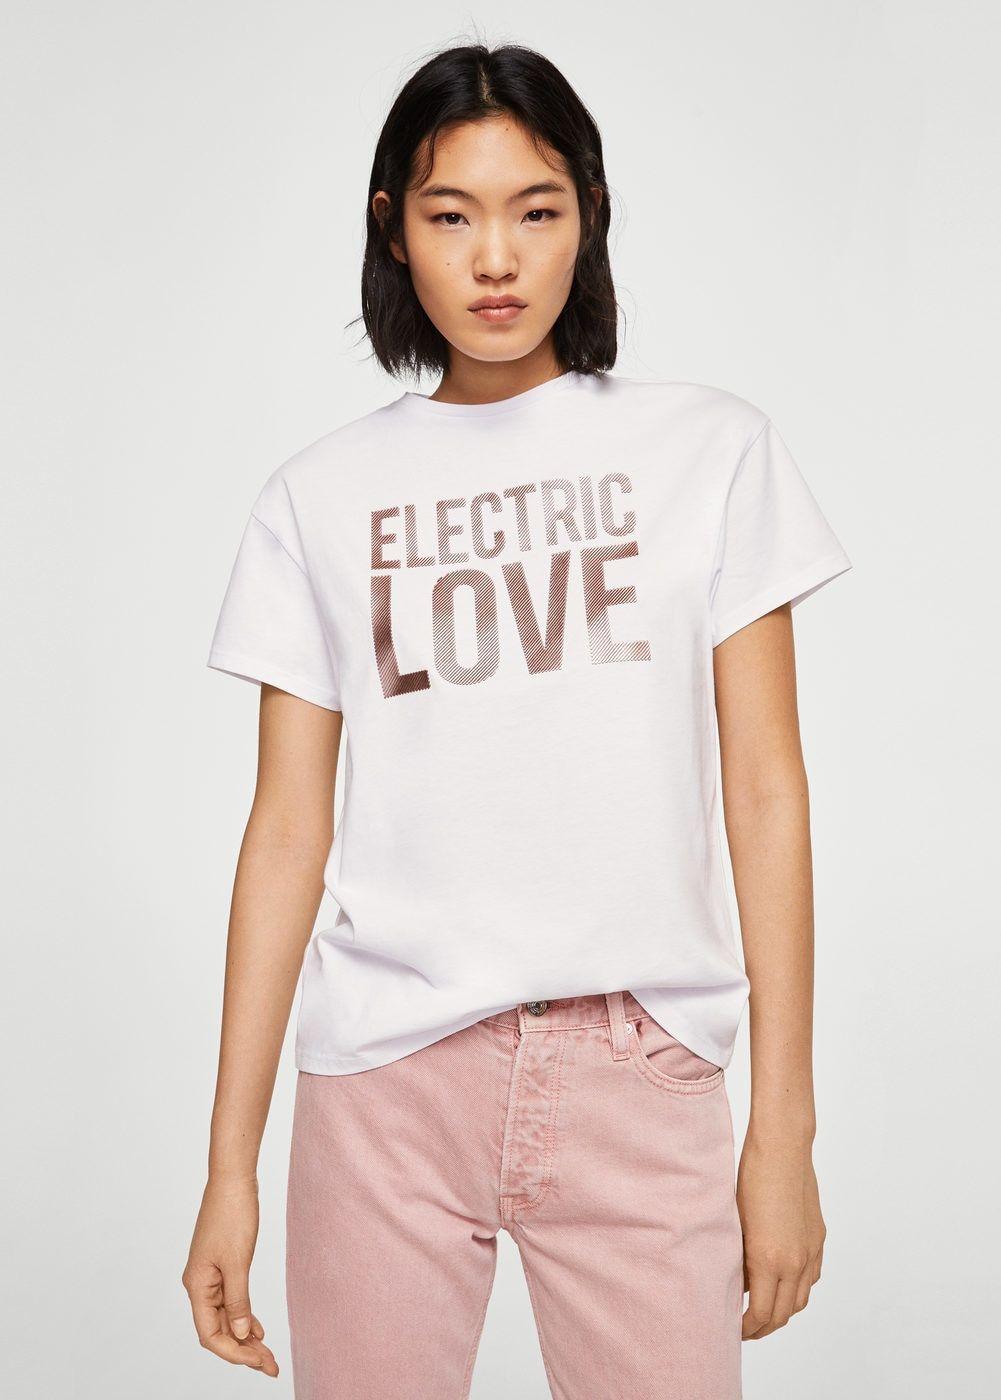 Mujer metalizada mensaje de Camisetas MNG Colombia tops y Camiseta wSYqvFx4v